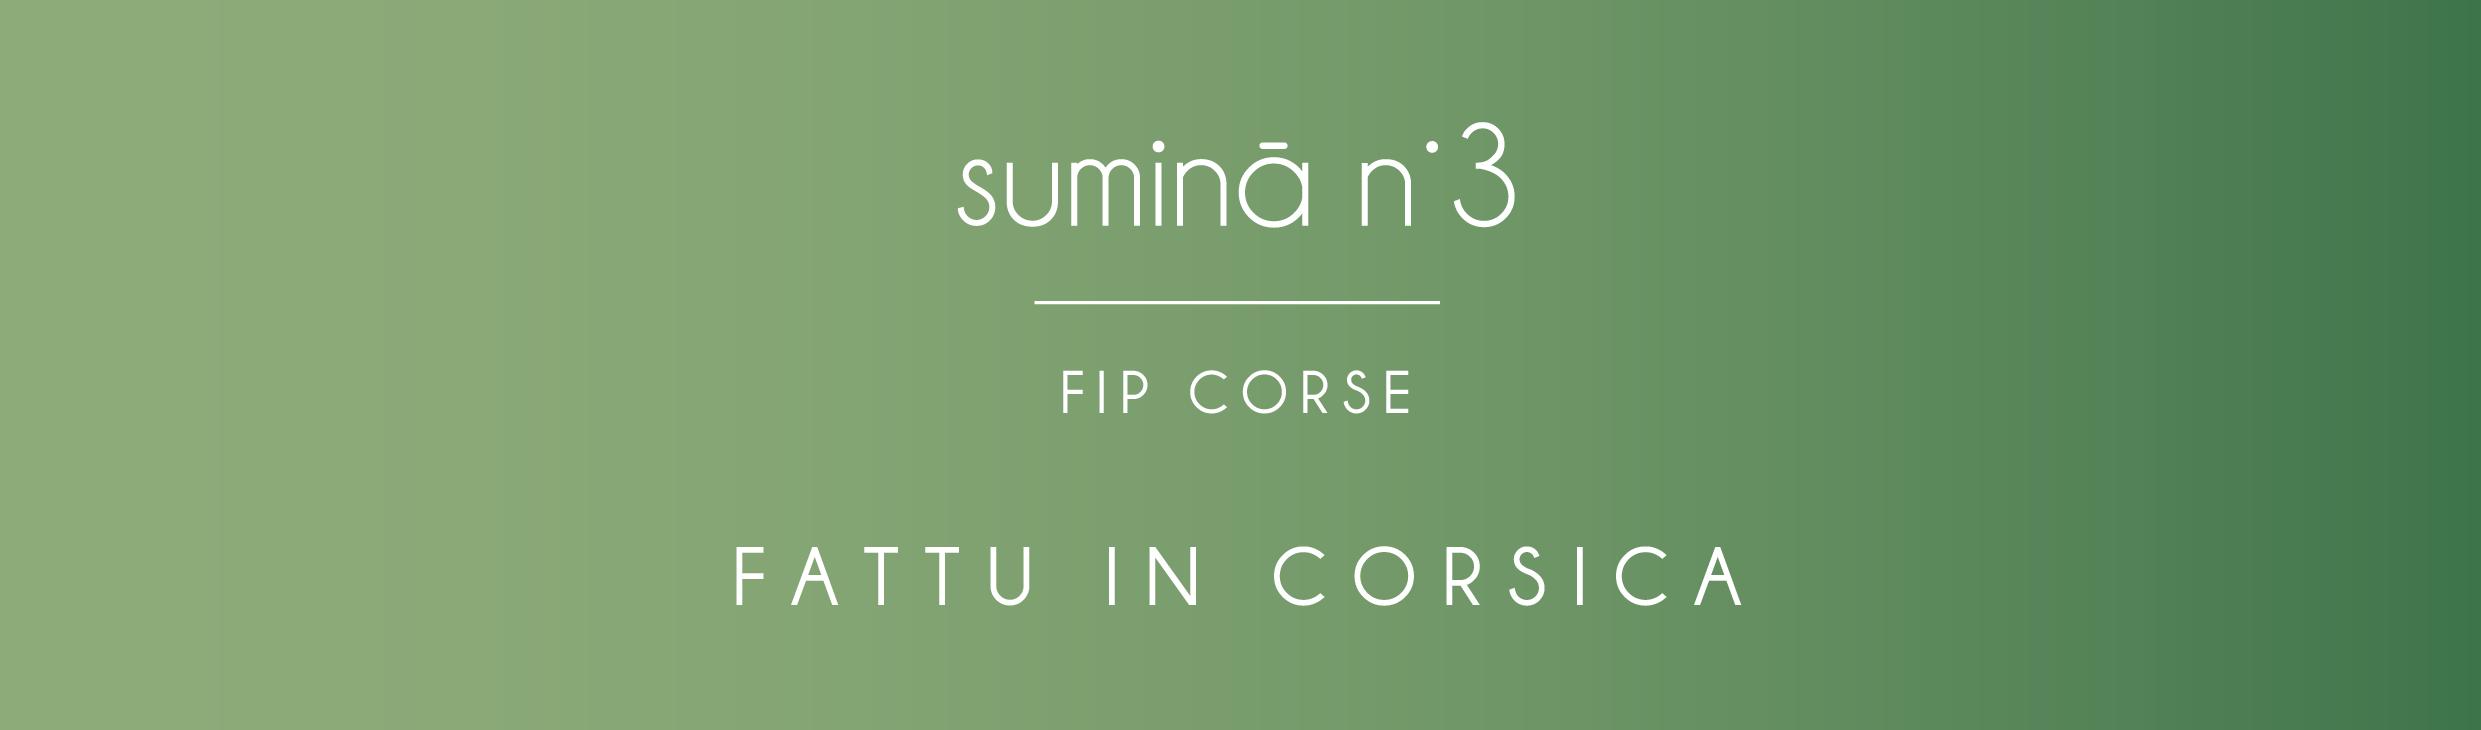 Le FIP Suminà n°3, c'est maintenant !